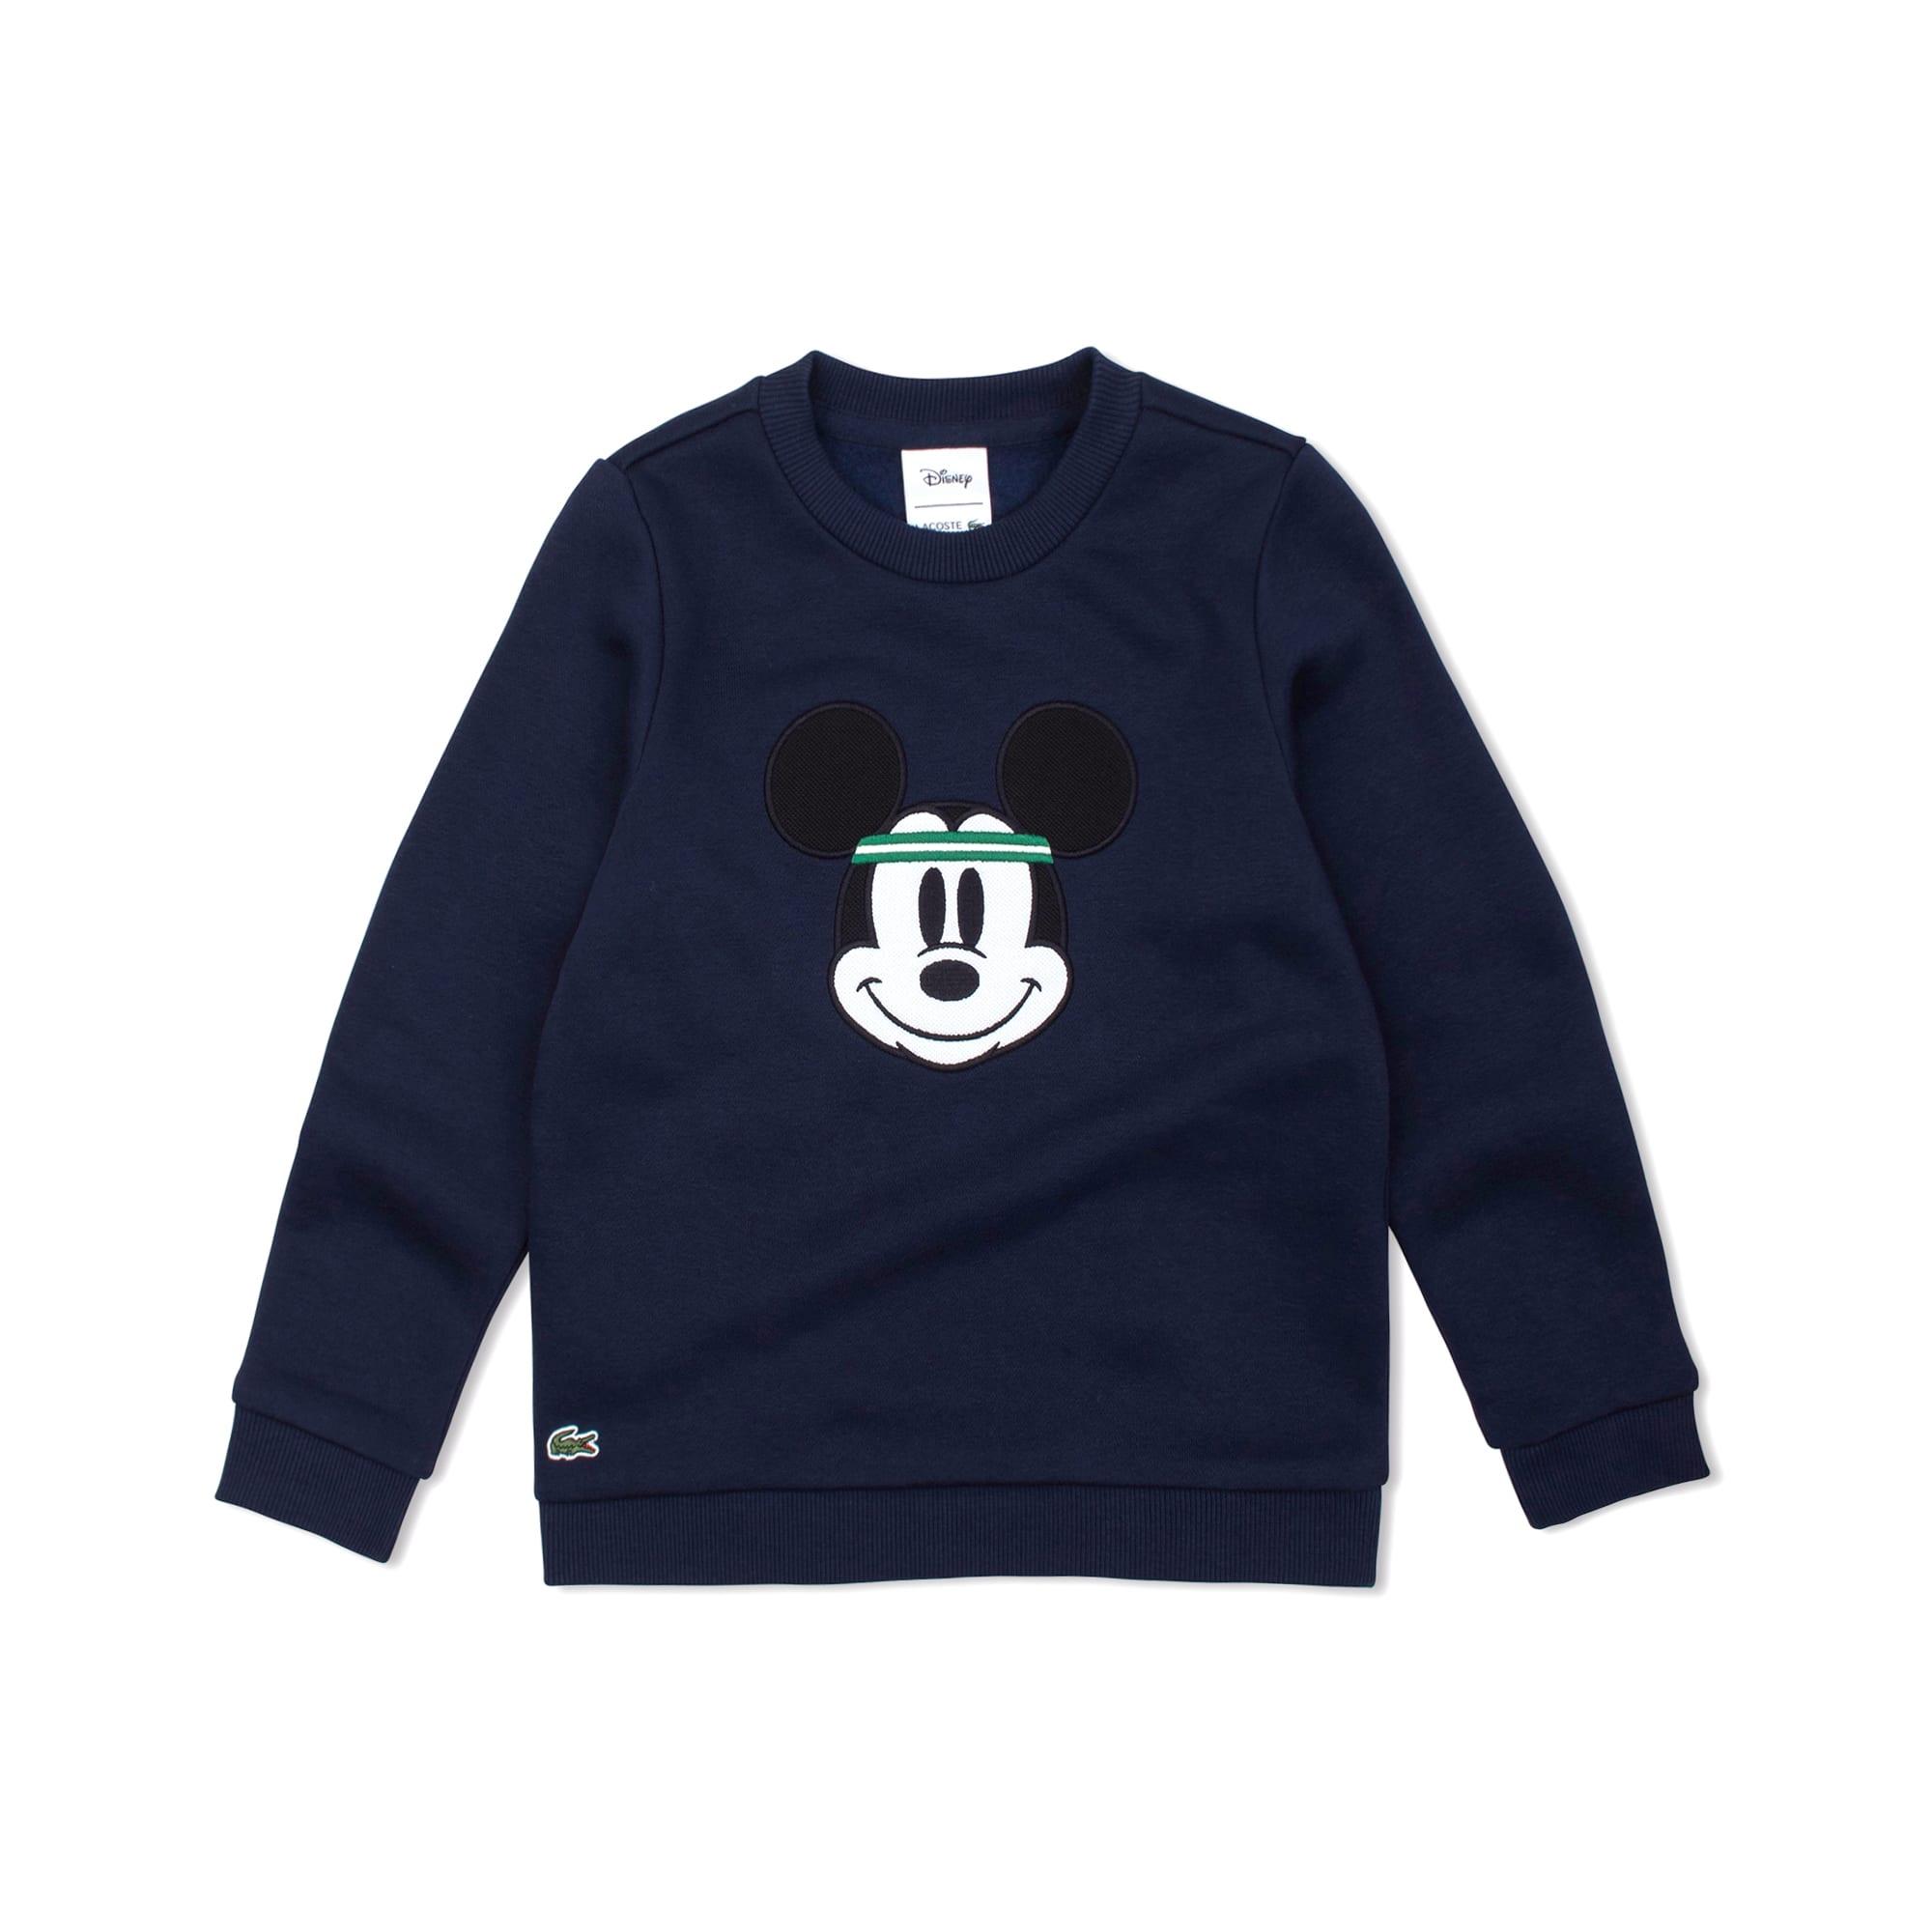 迪士尼印花圆领拉绒儿童运动衫